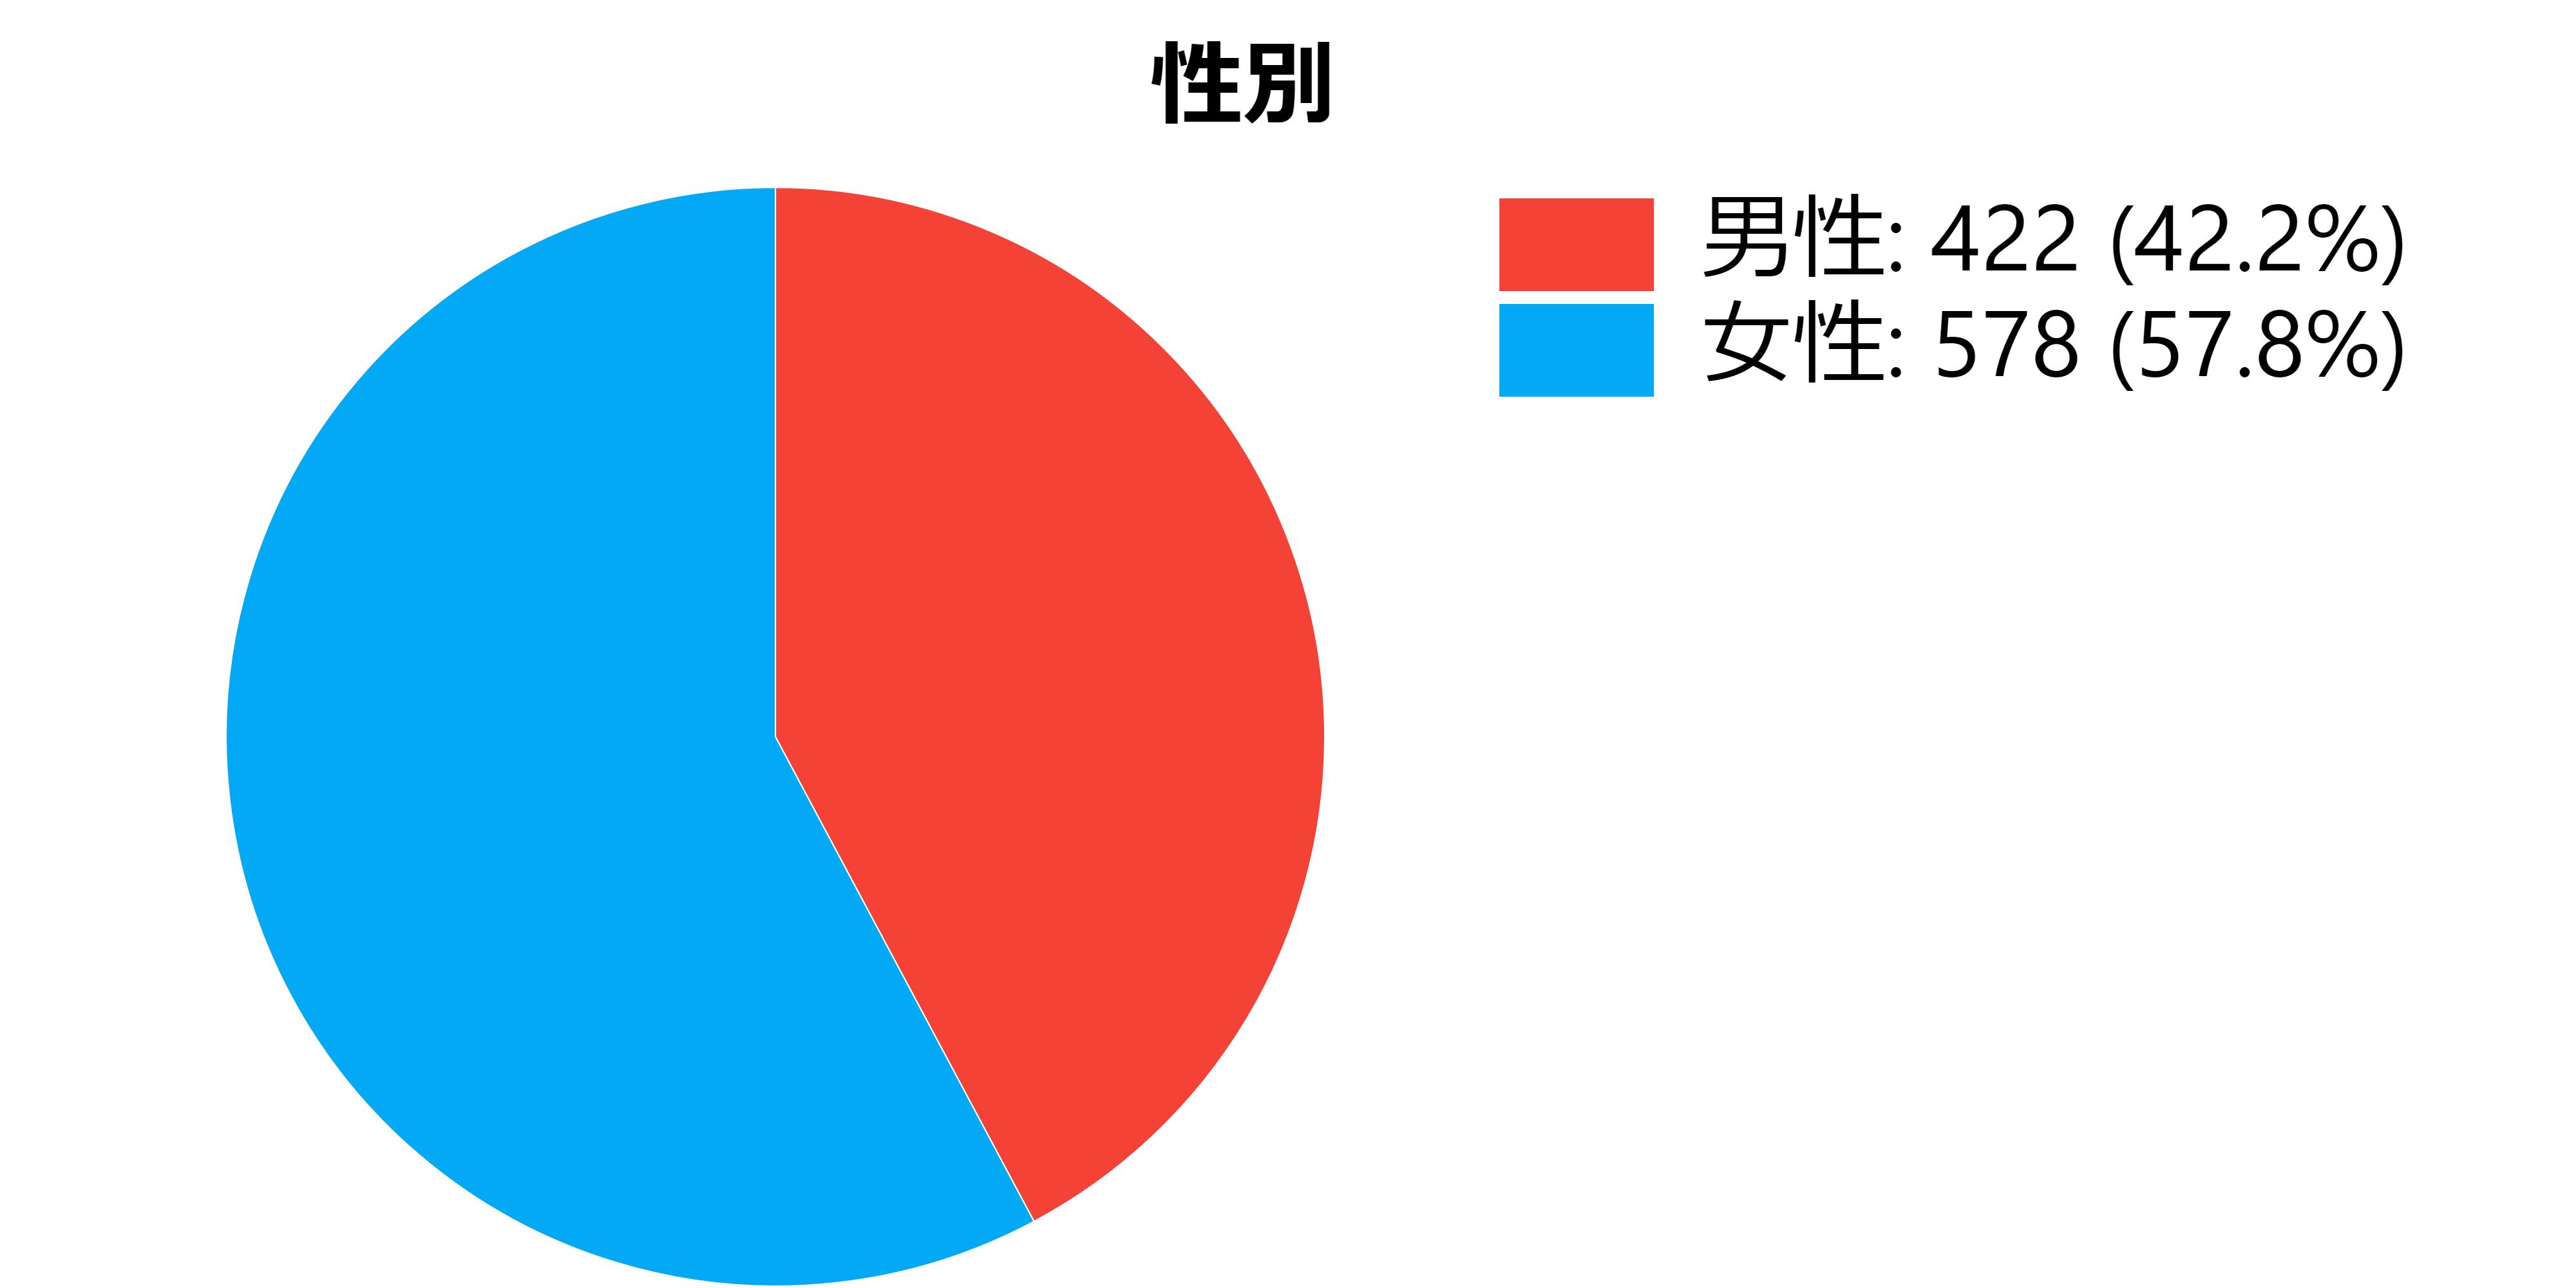 ジブリアンケートの性別データ